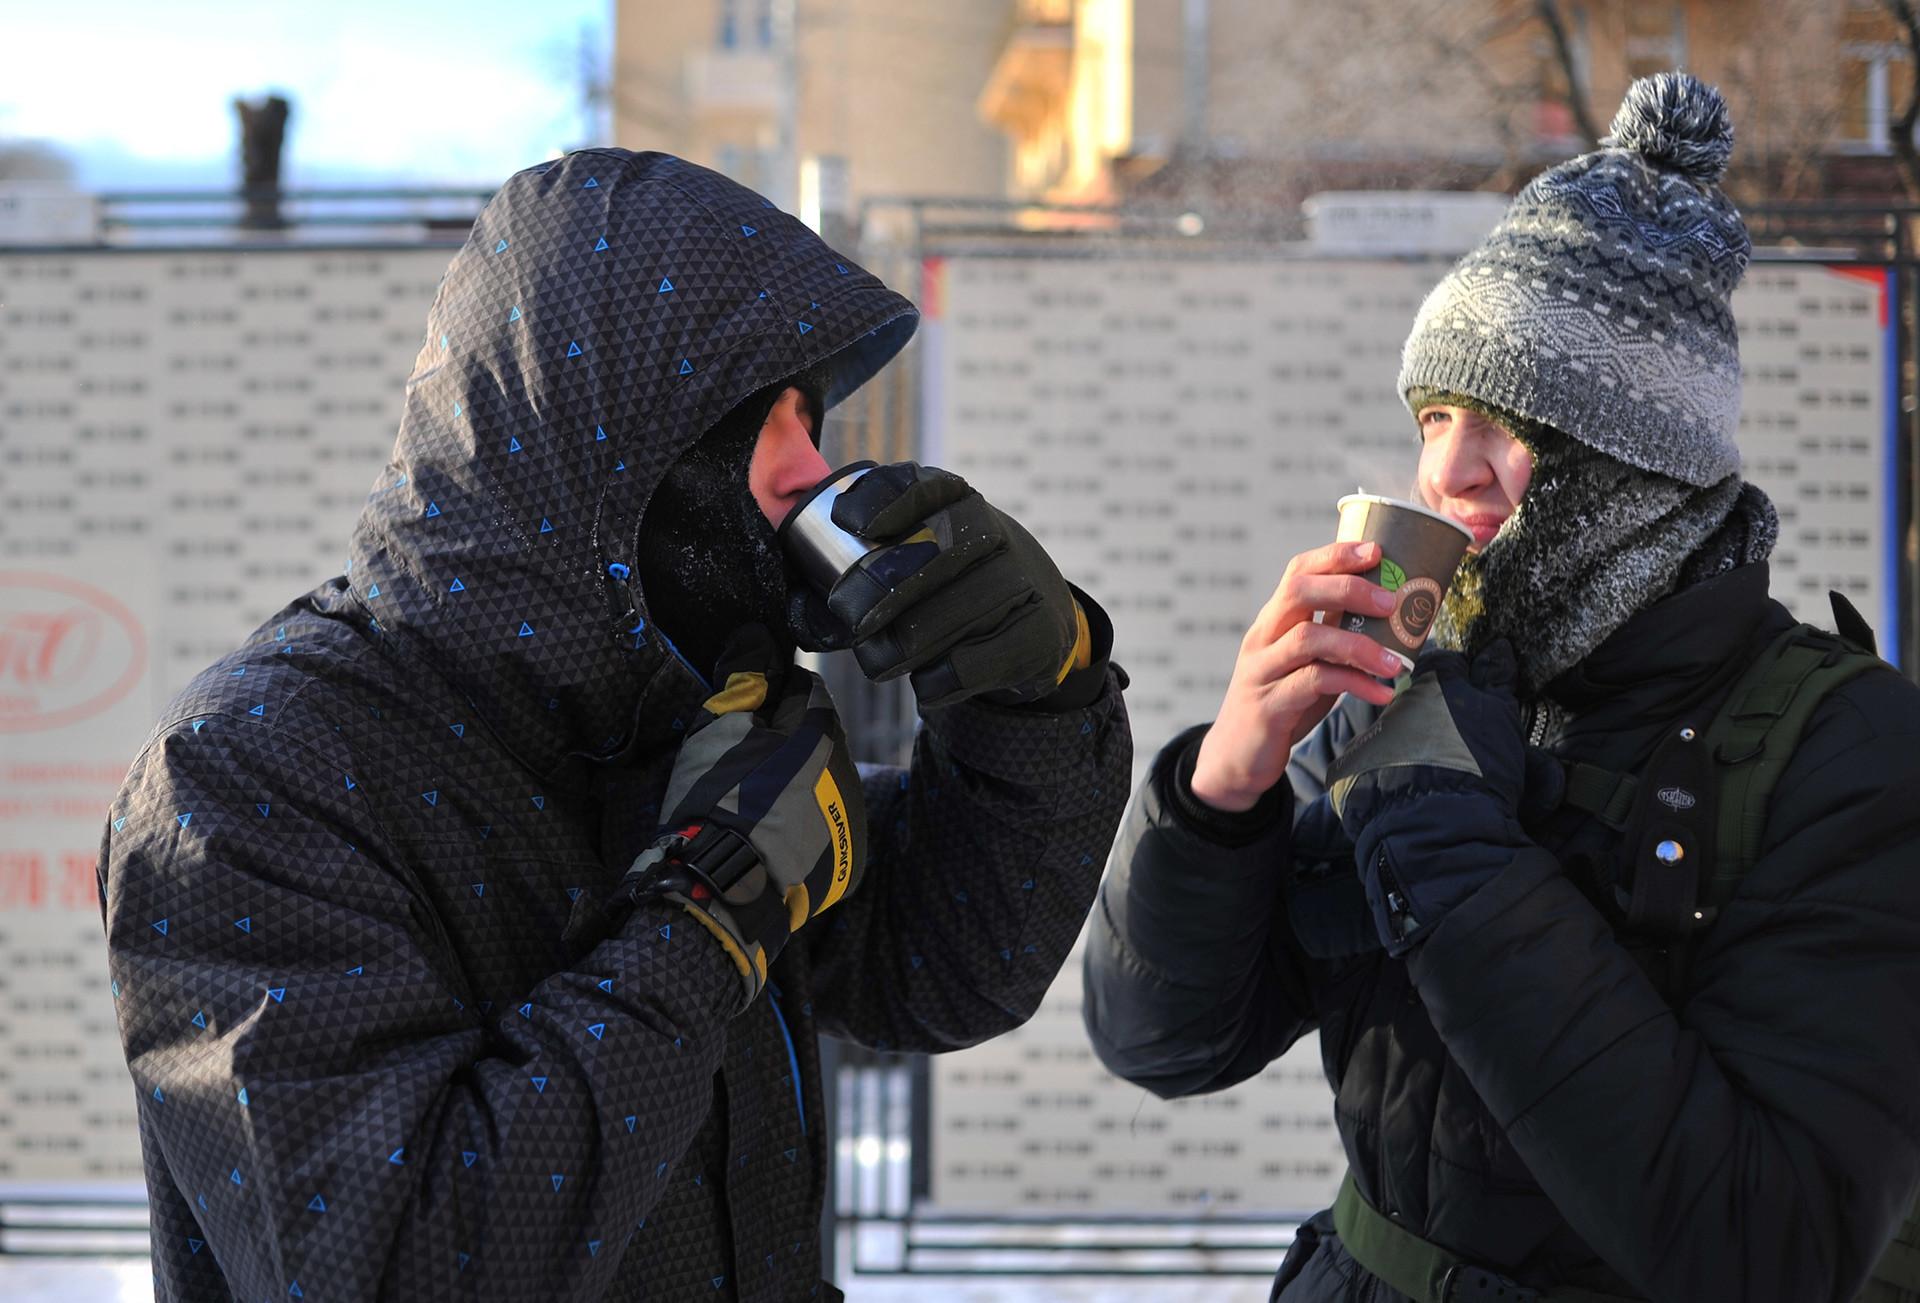 Minuman hangat bisa sangat membantu saat musim dingin.